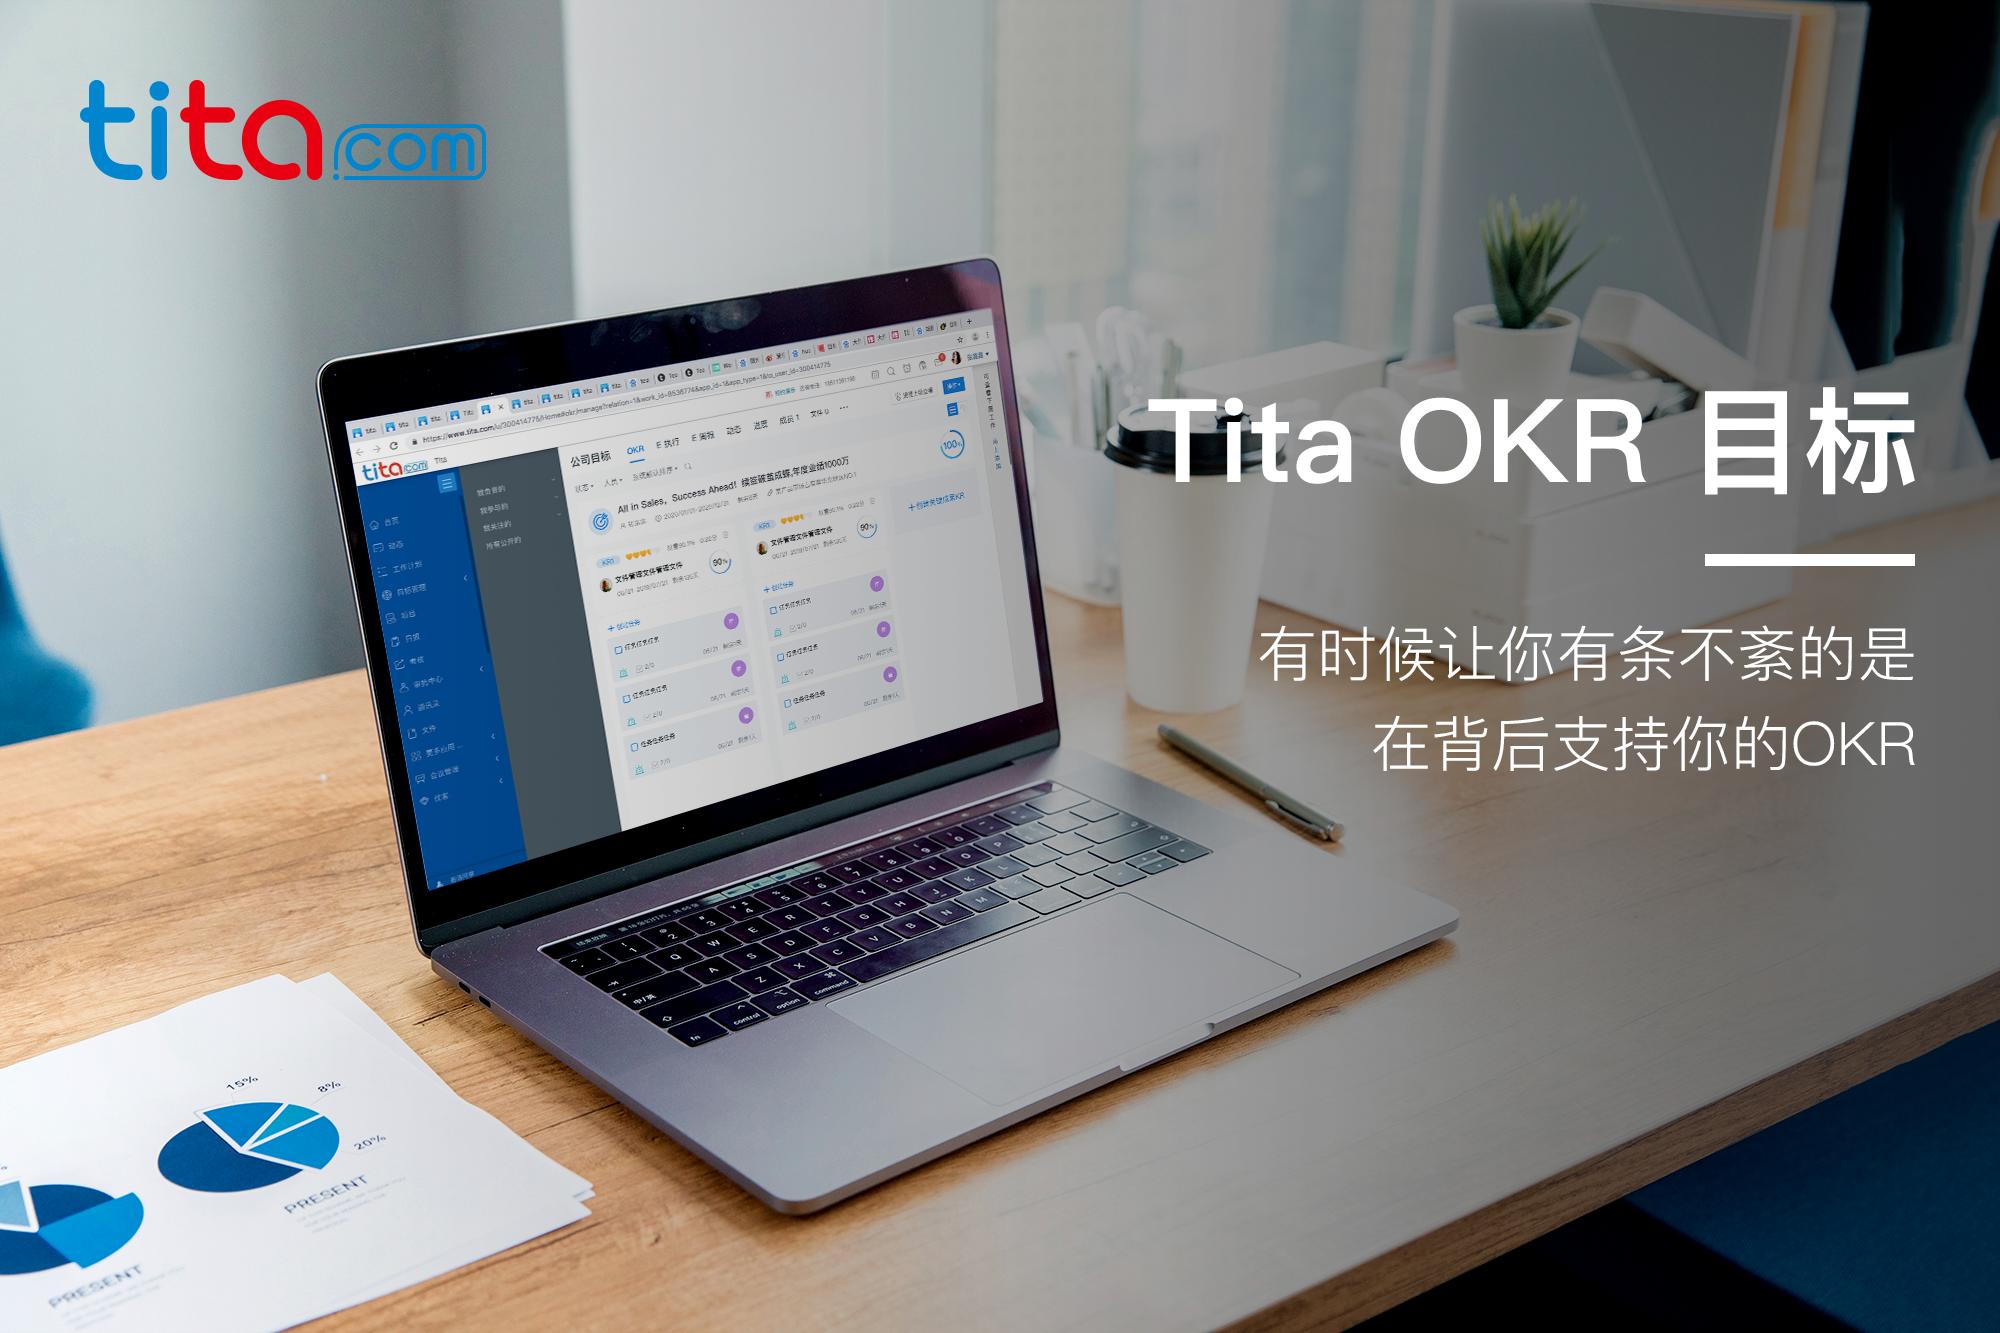 应用OKR之前,先普及下OKR历史